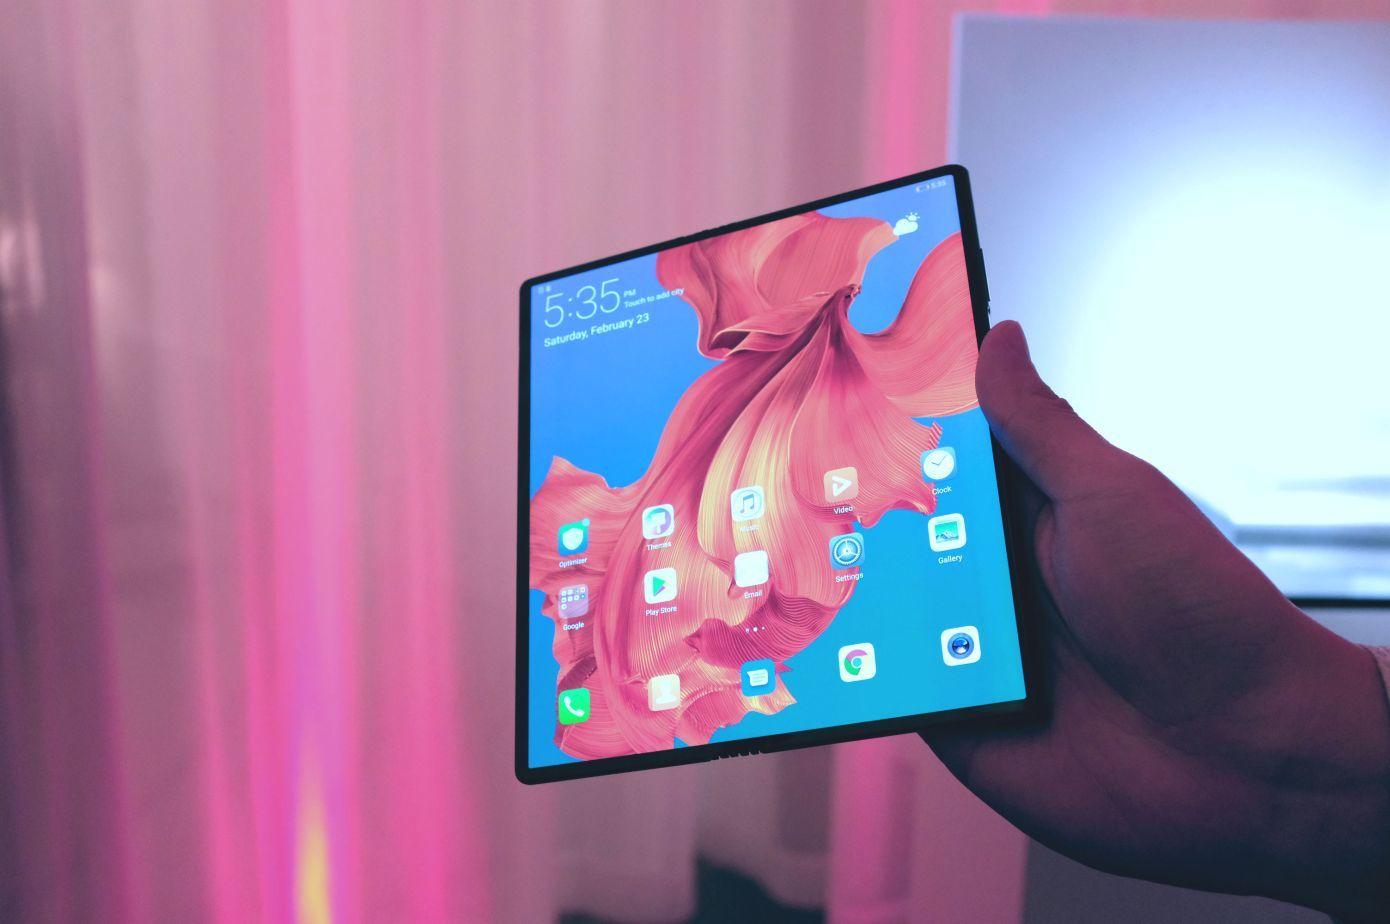 华为首款可折叠手机Mate X登场 支持5G